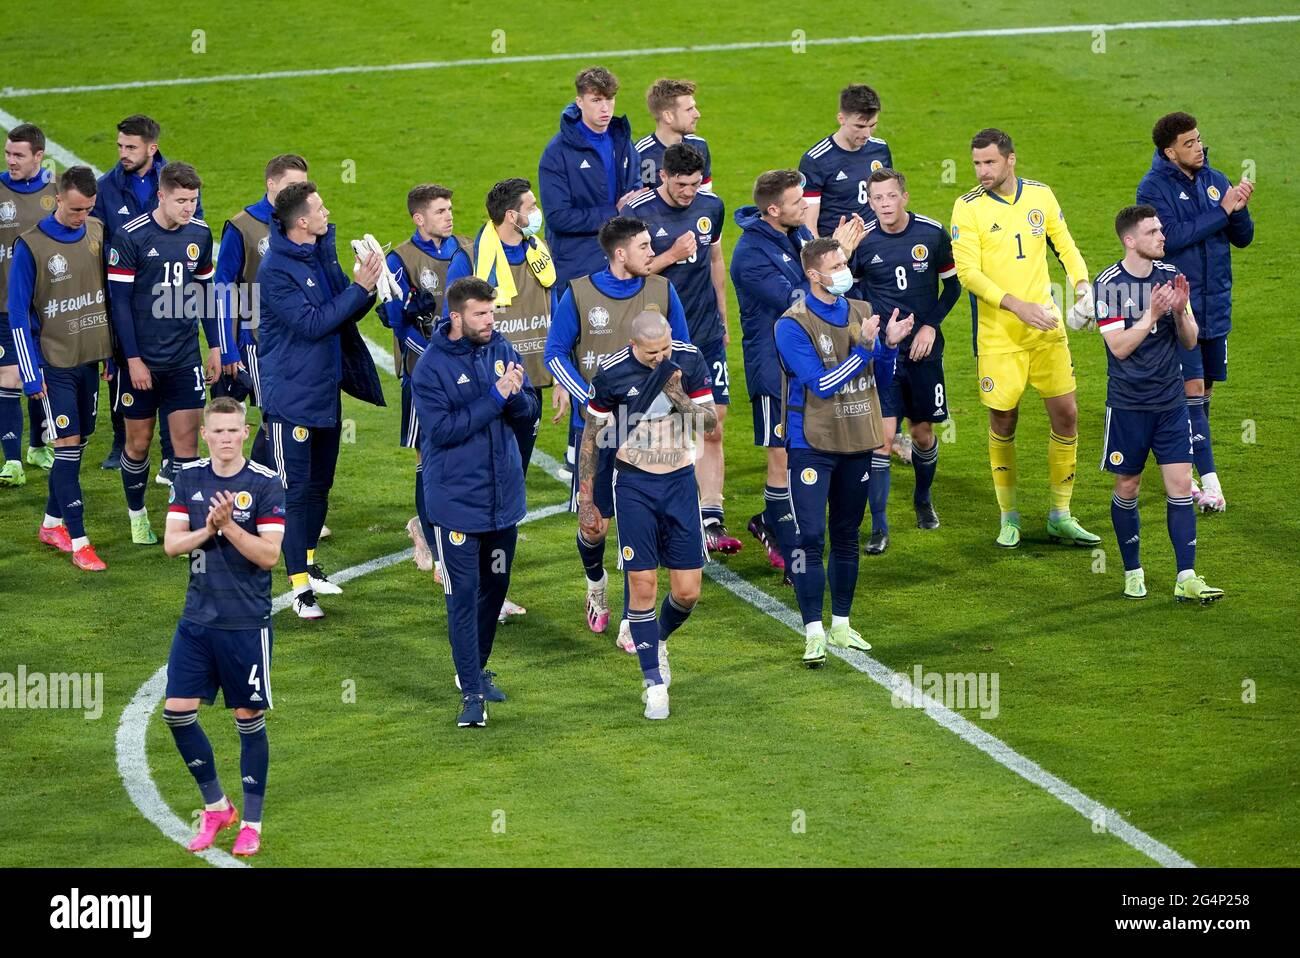 I giocatori scozzesi applaudono i tifosi dopo il fischio finale durante la partita UEFA Euro 2020 Group D a Hampden Park, Glasgow. Data immagine: Martedì 22 giugno 2021. Foto Stock